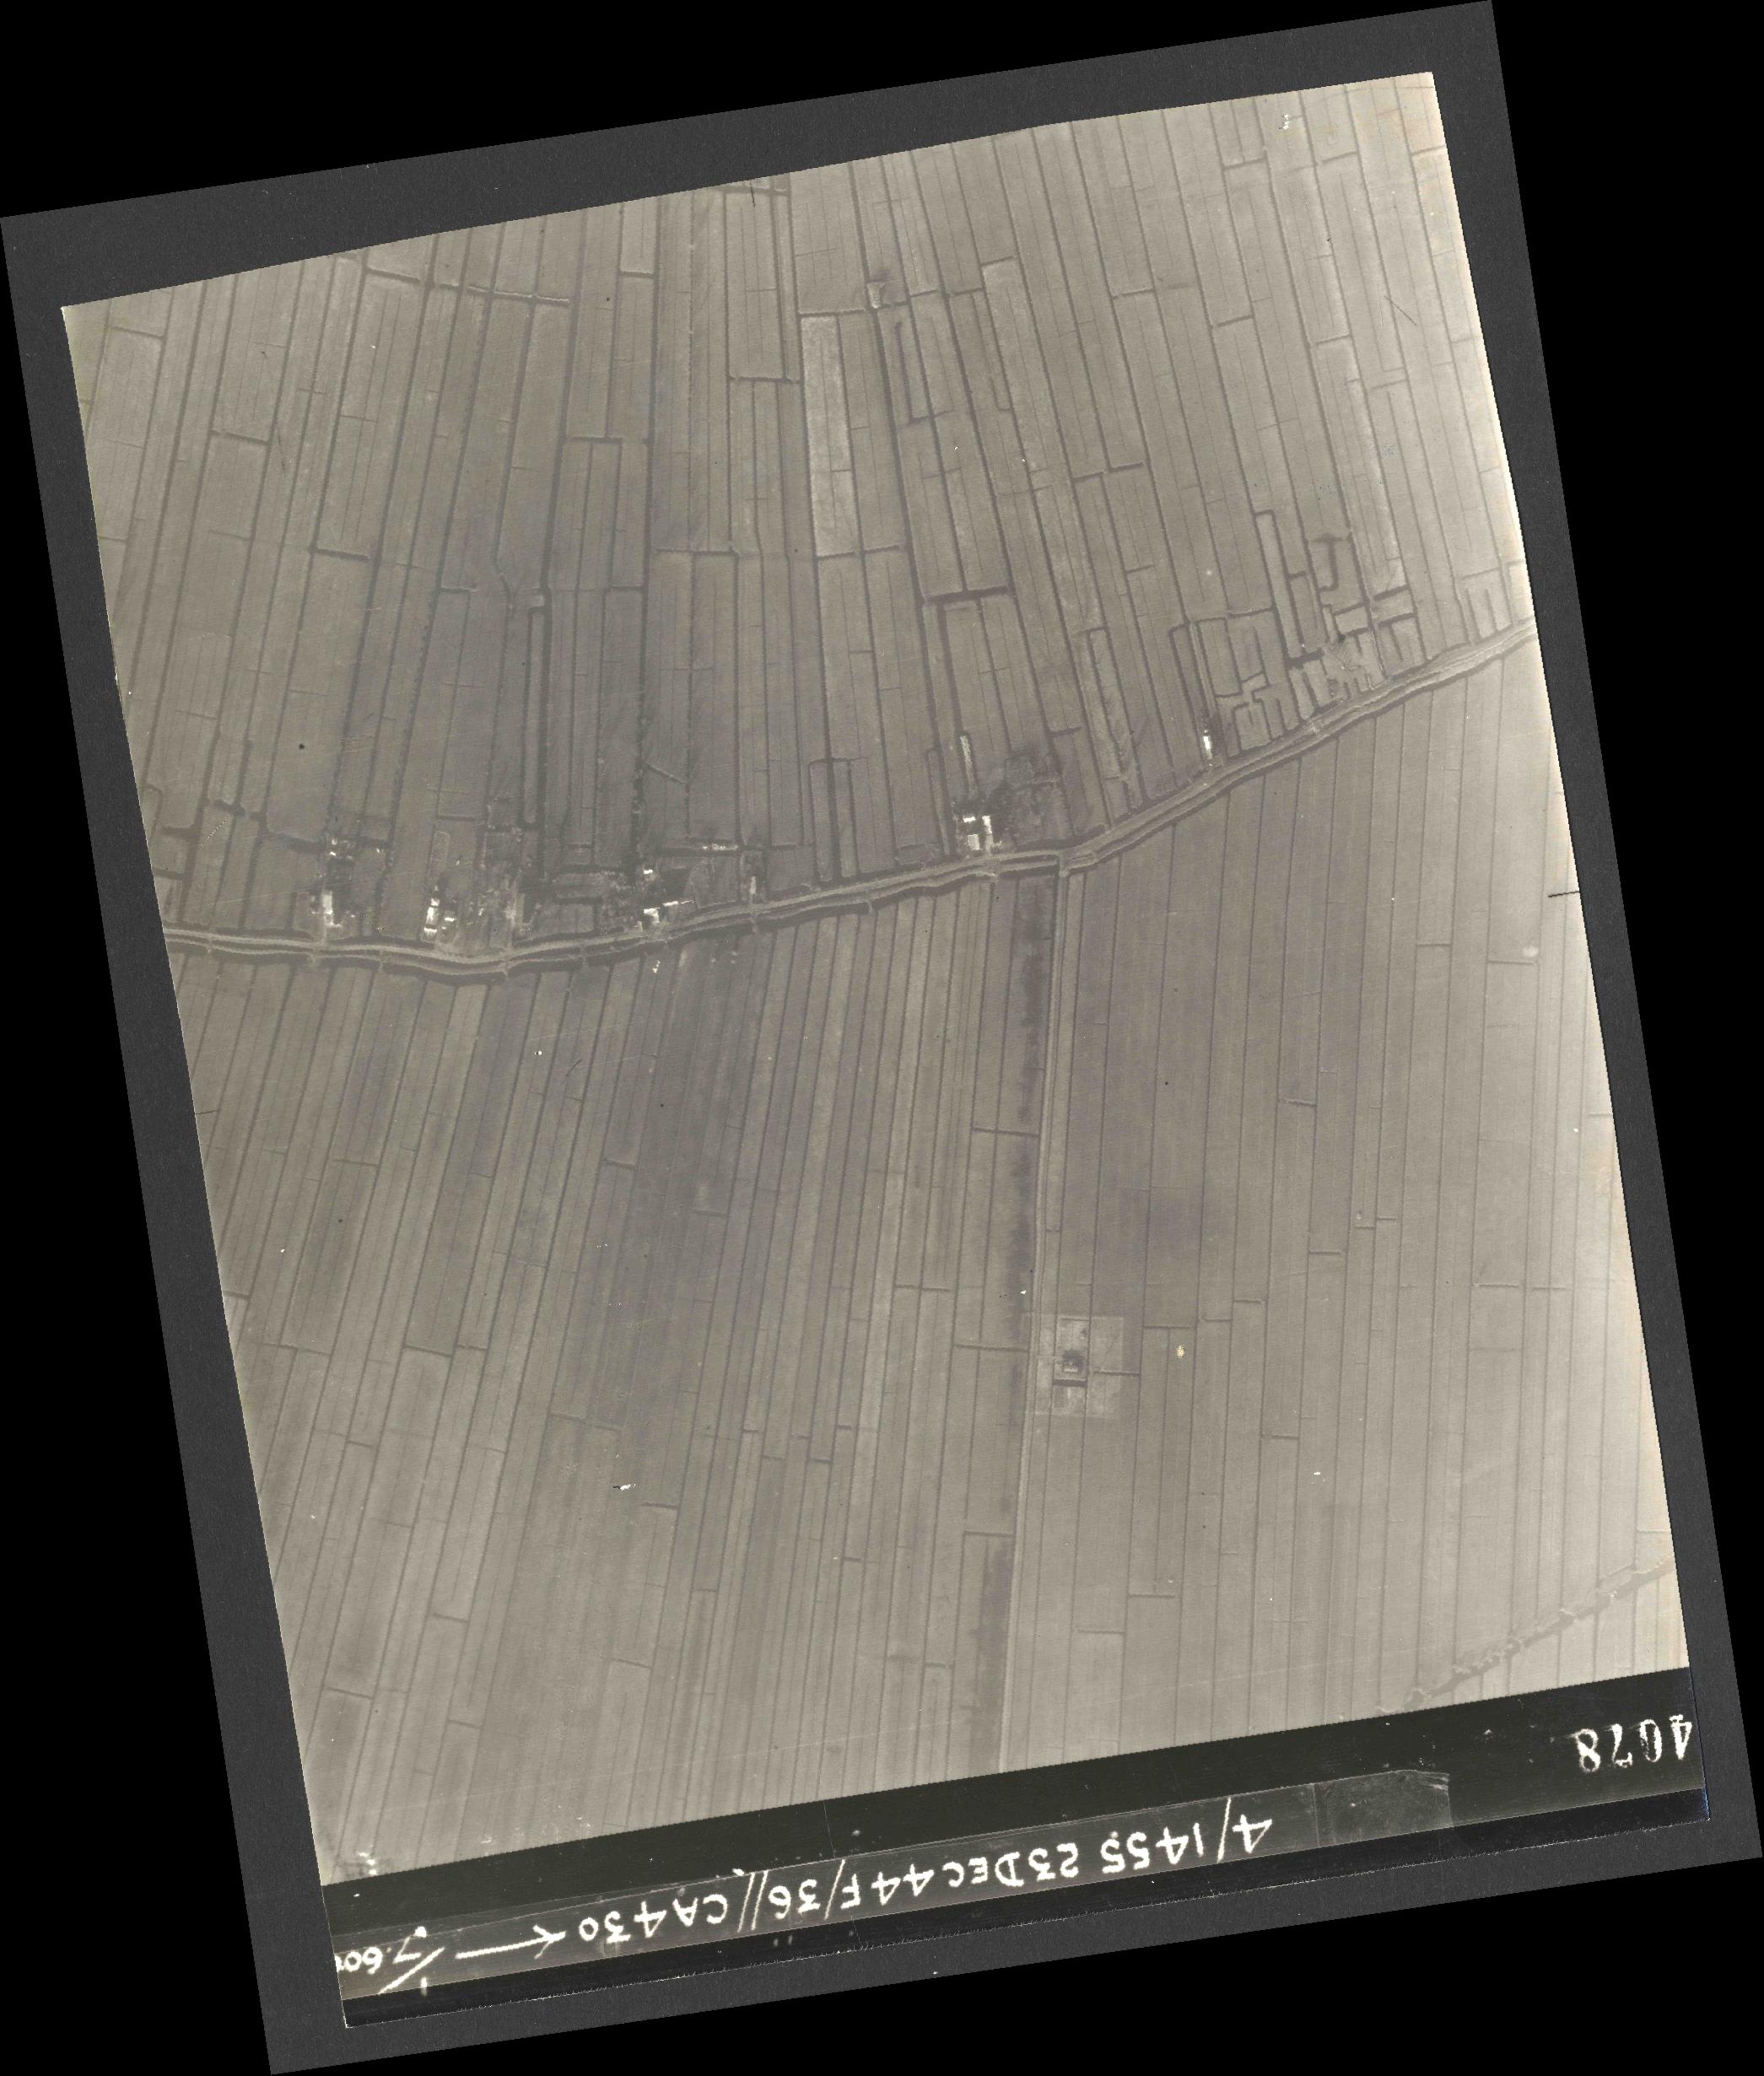 Collection RAF aerial photos 1940-1945 - flight 051, run 06, photo 4078